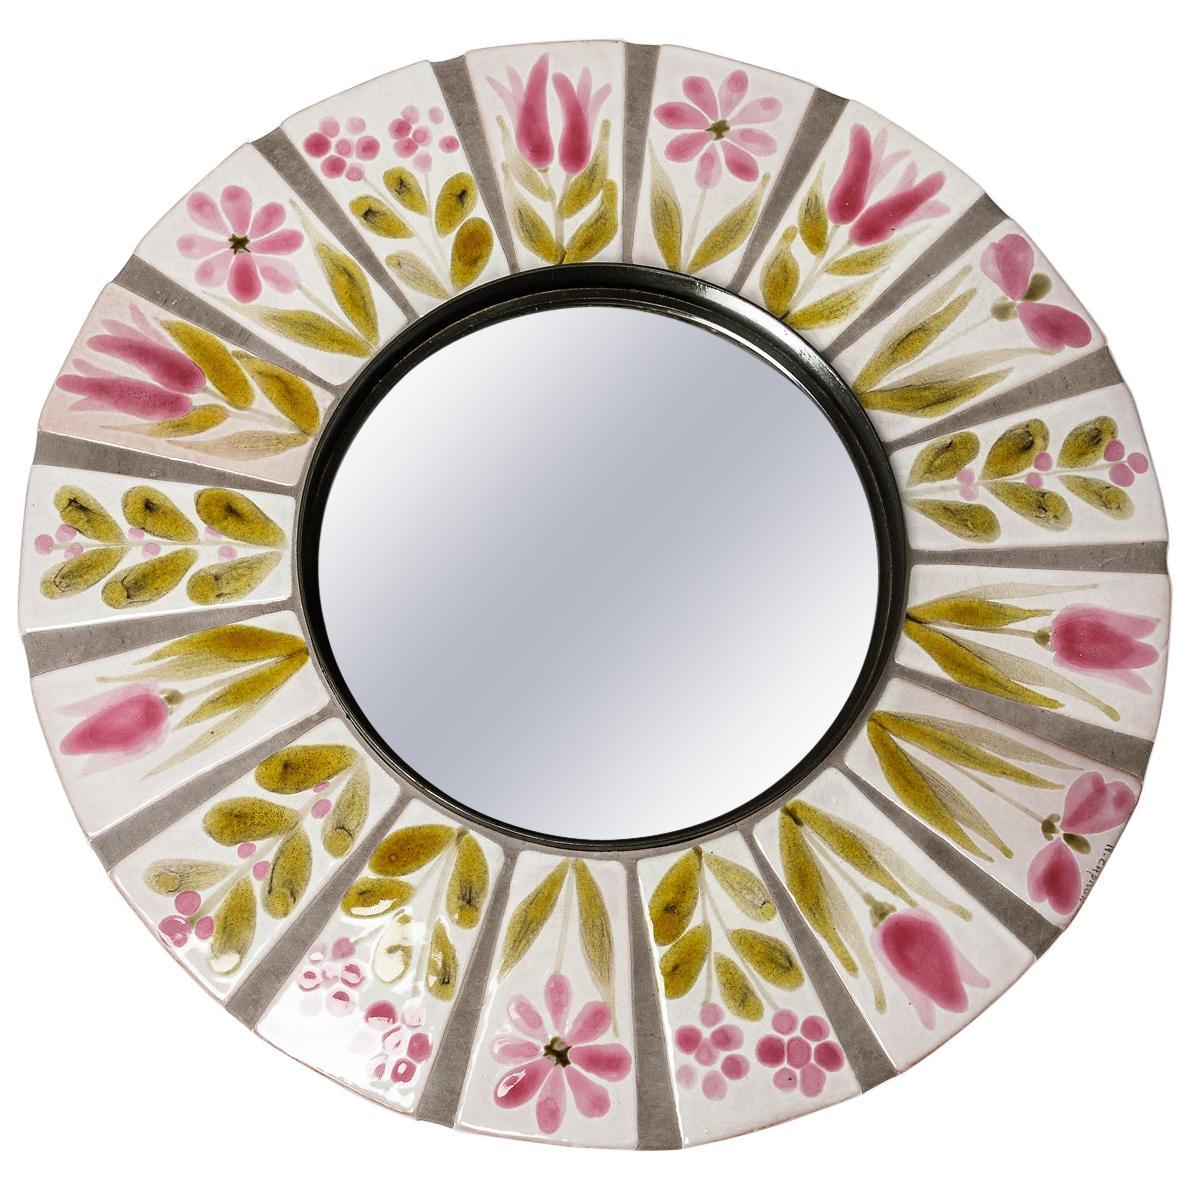 Ceramic Mirror Signed Roger Capron, circa 1960-1970